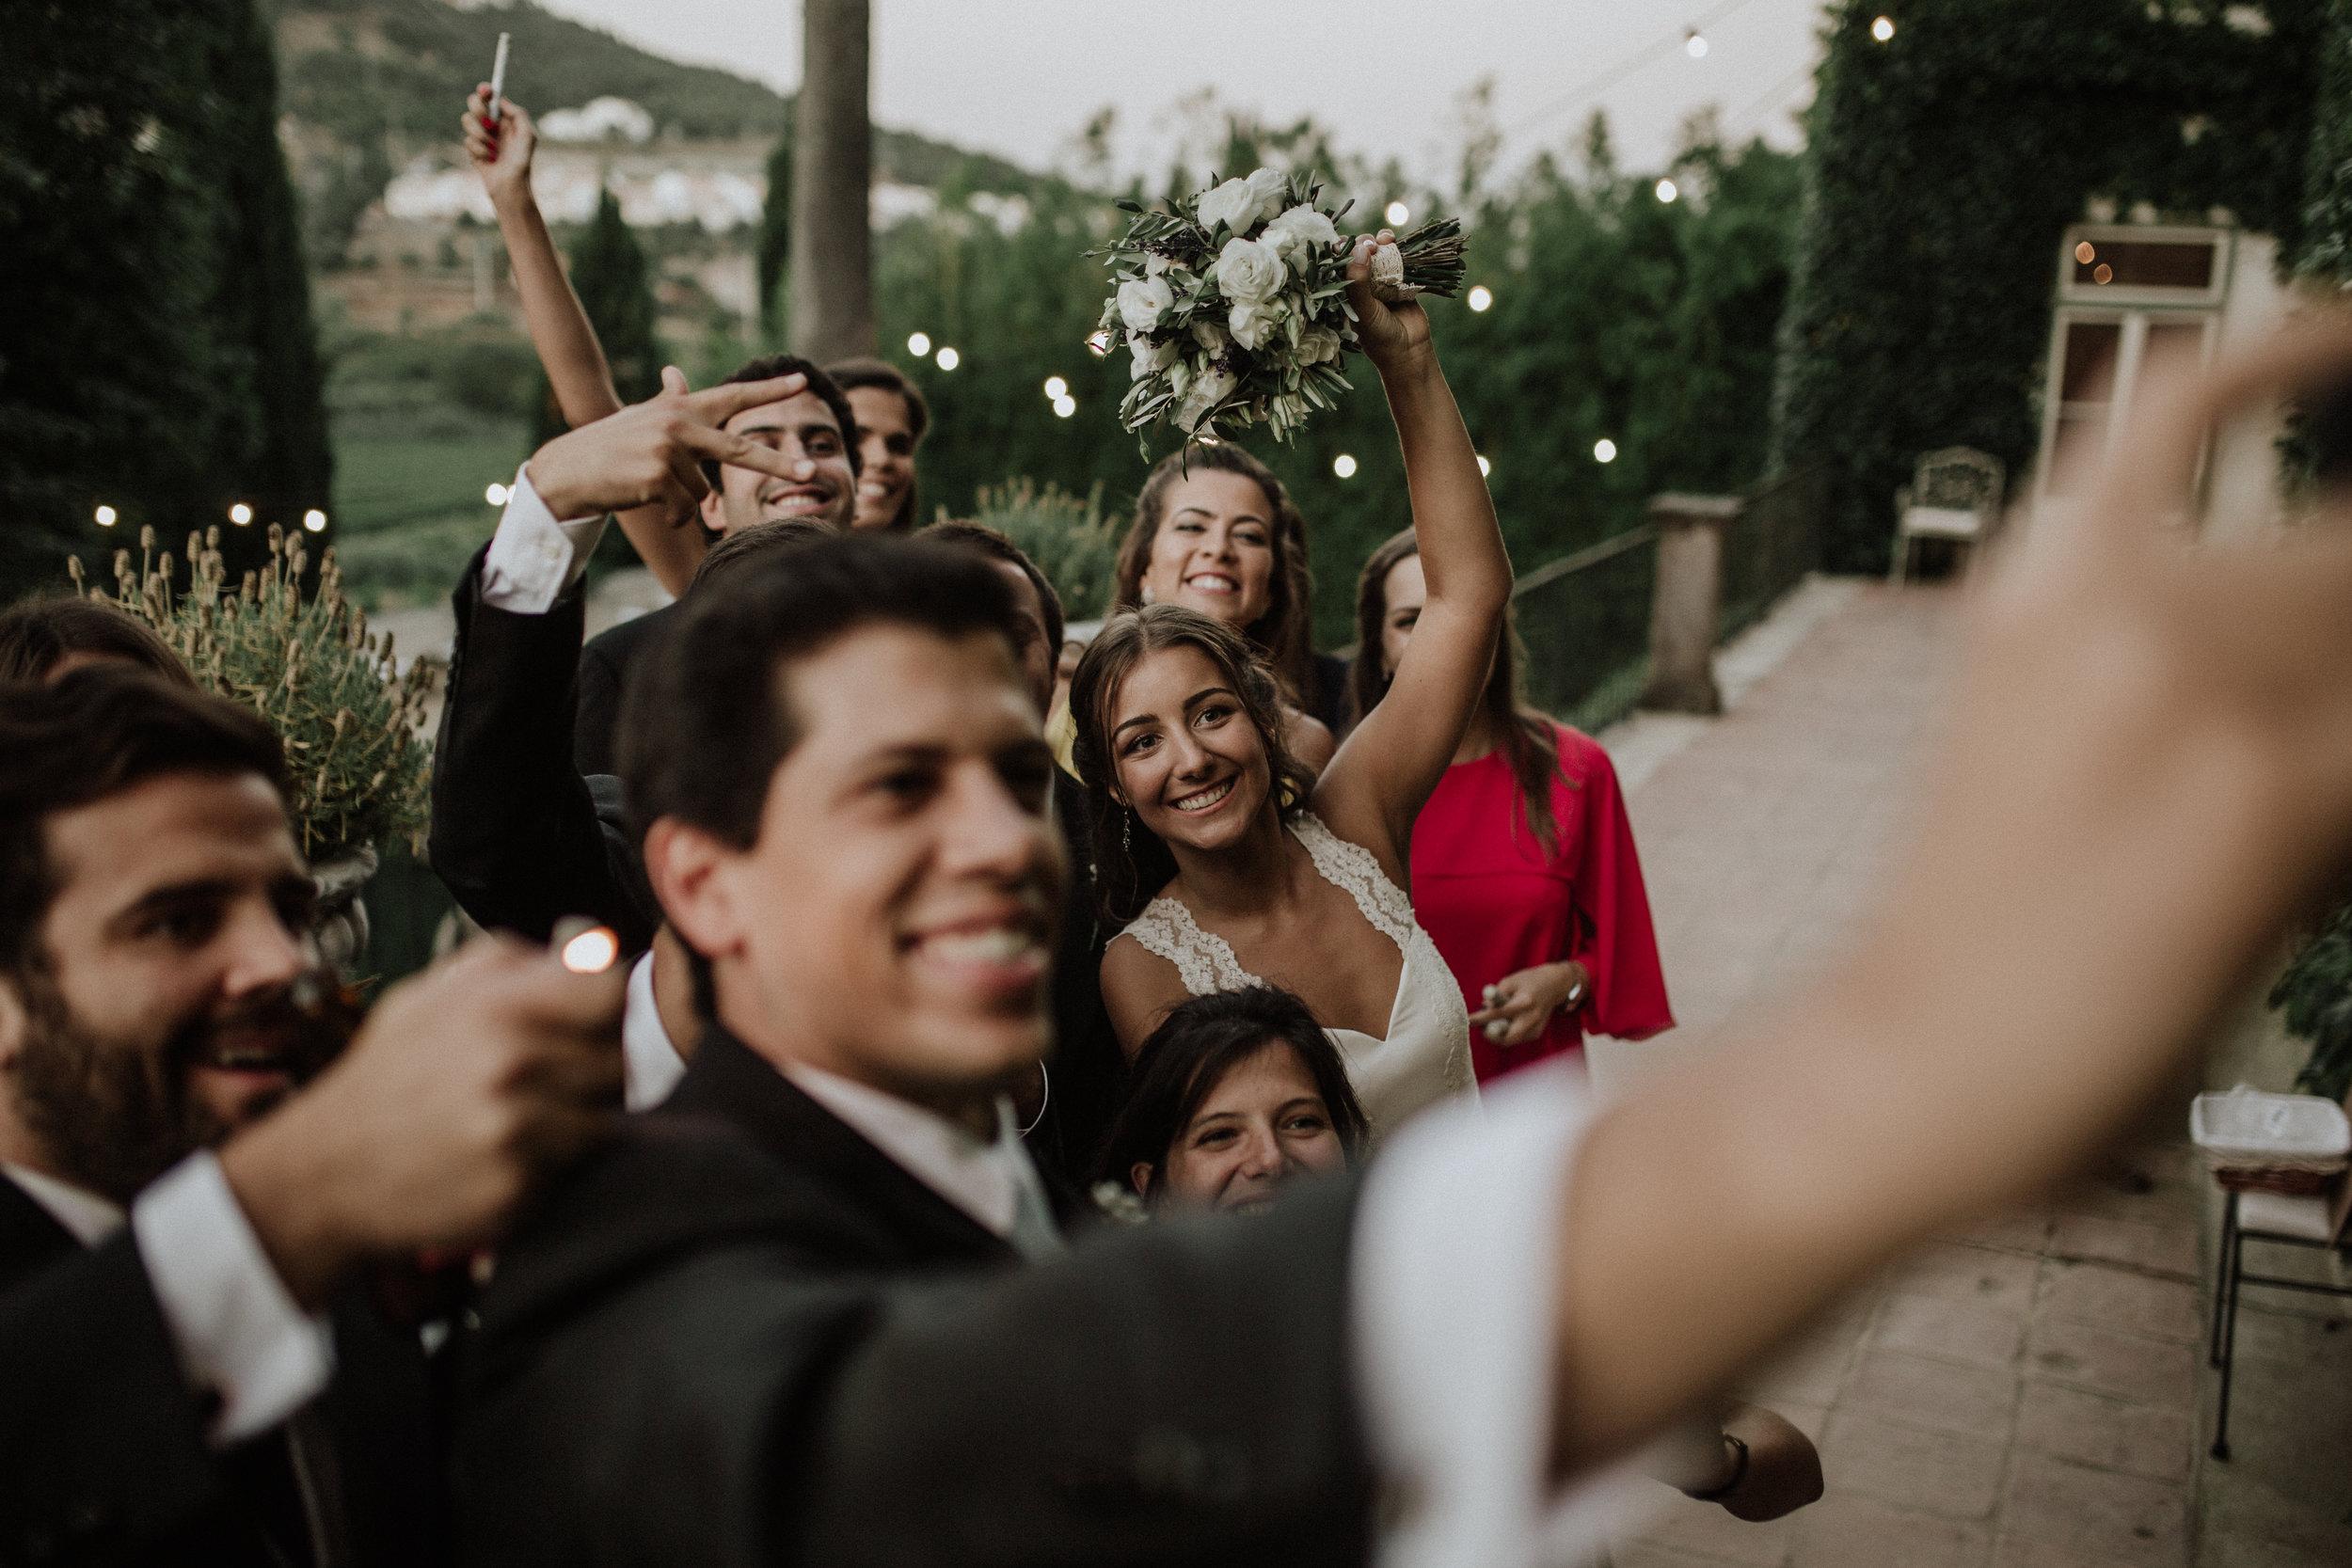 I&J_707_ 14_julho_2018 WEDDING DAY.jpg